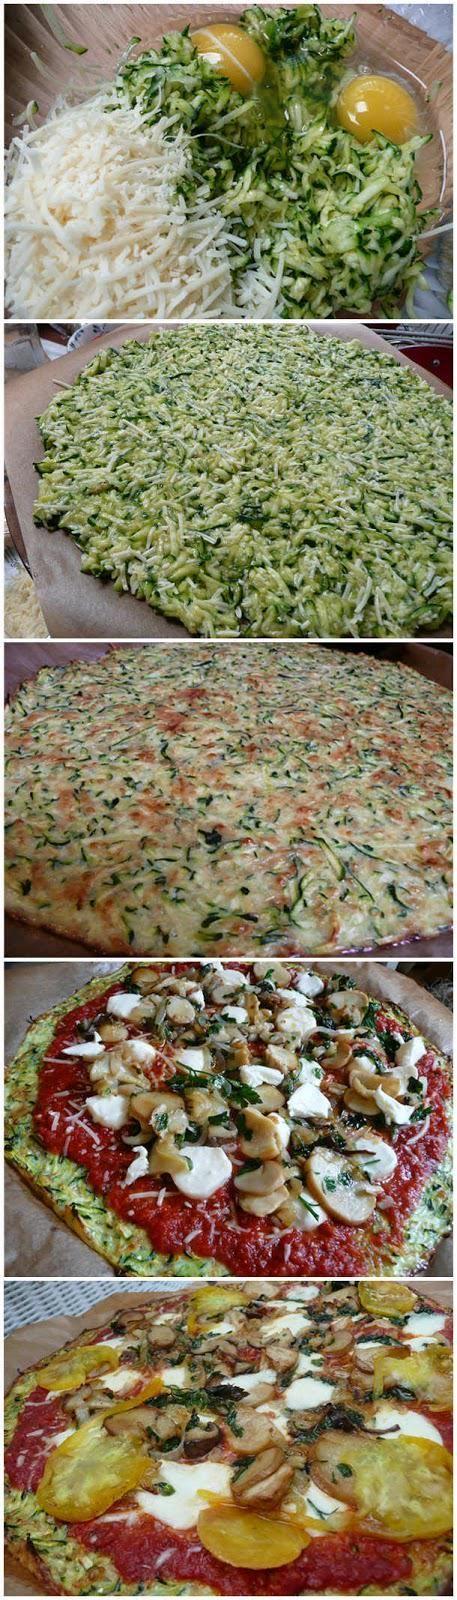 Zucchini Crust Pizza Recipe